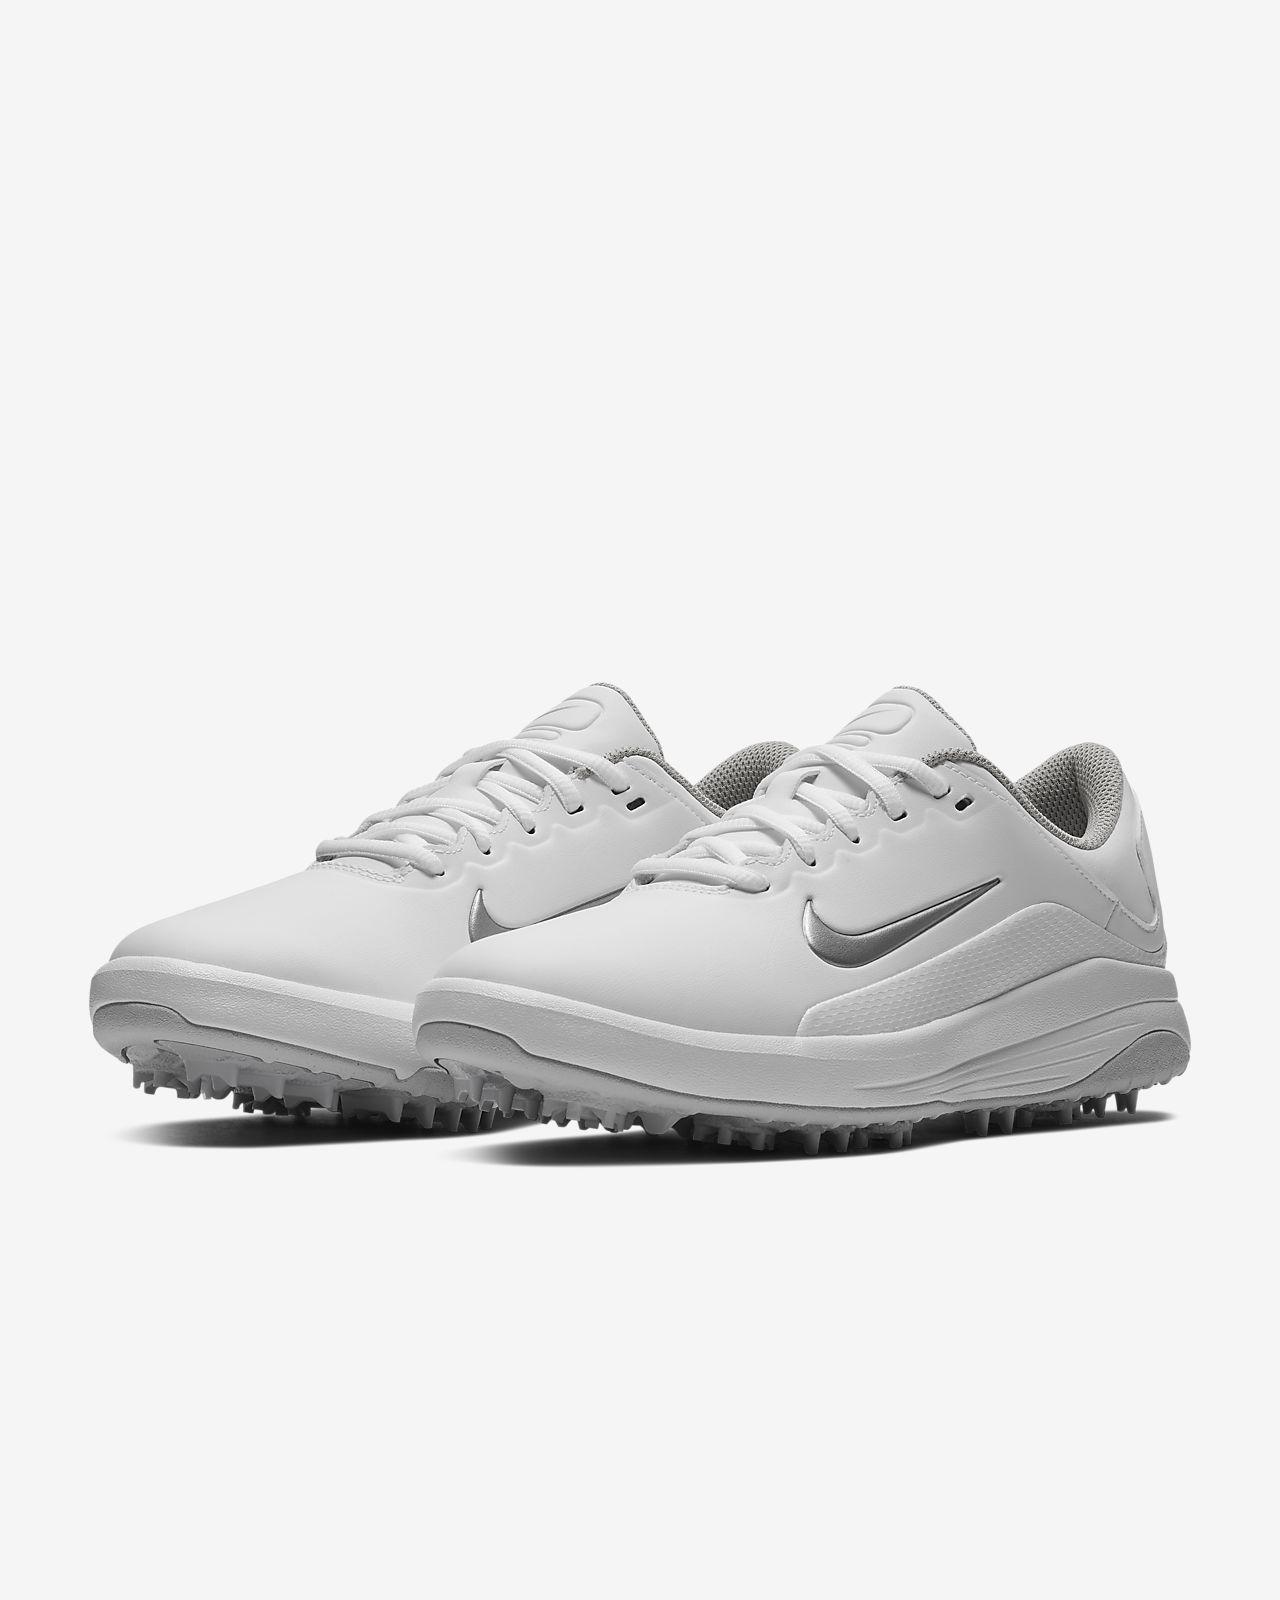 superior quality 97d1e ac74a Nike Vapor Women's Golf Shoe